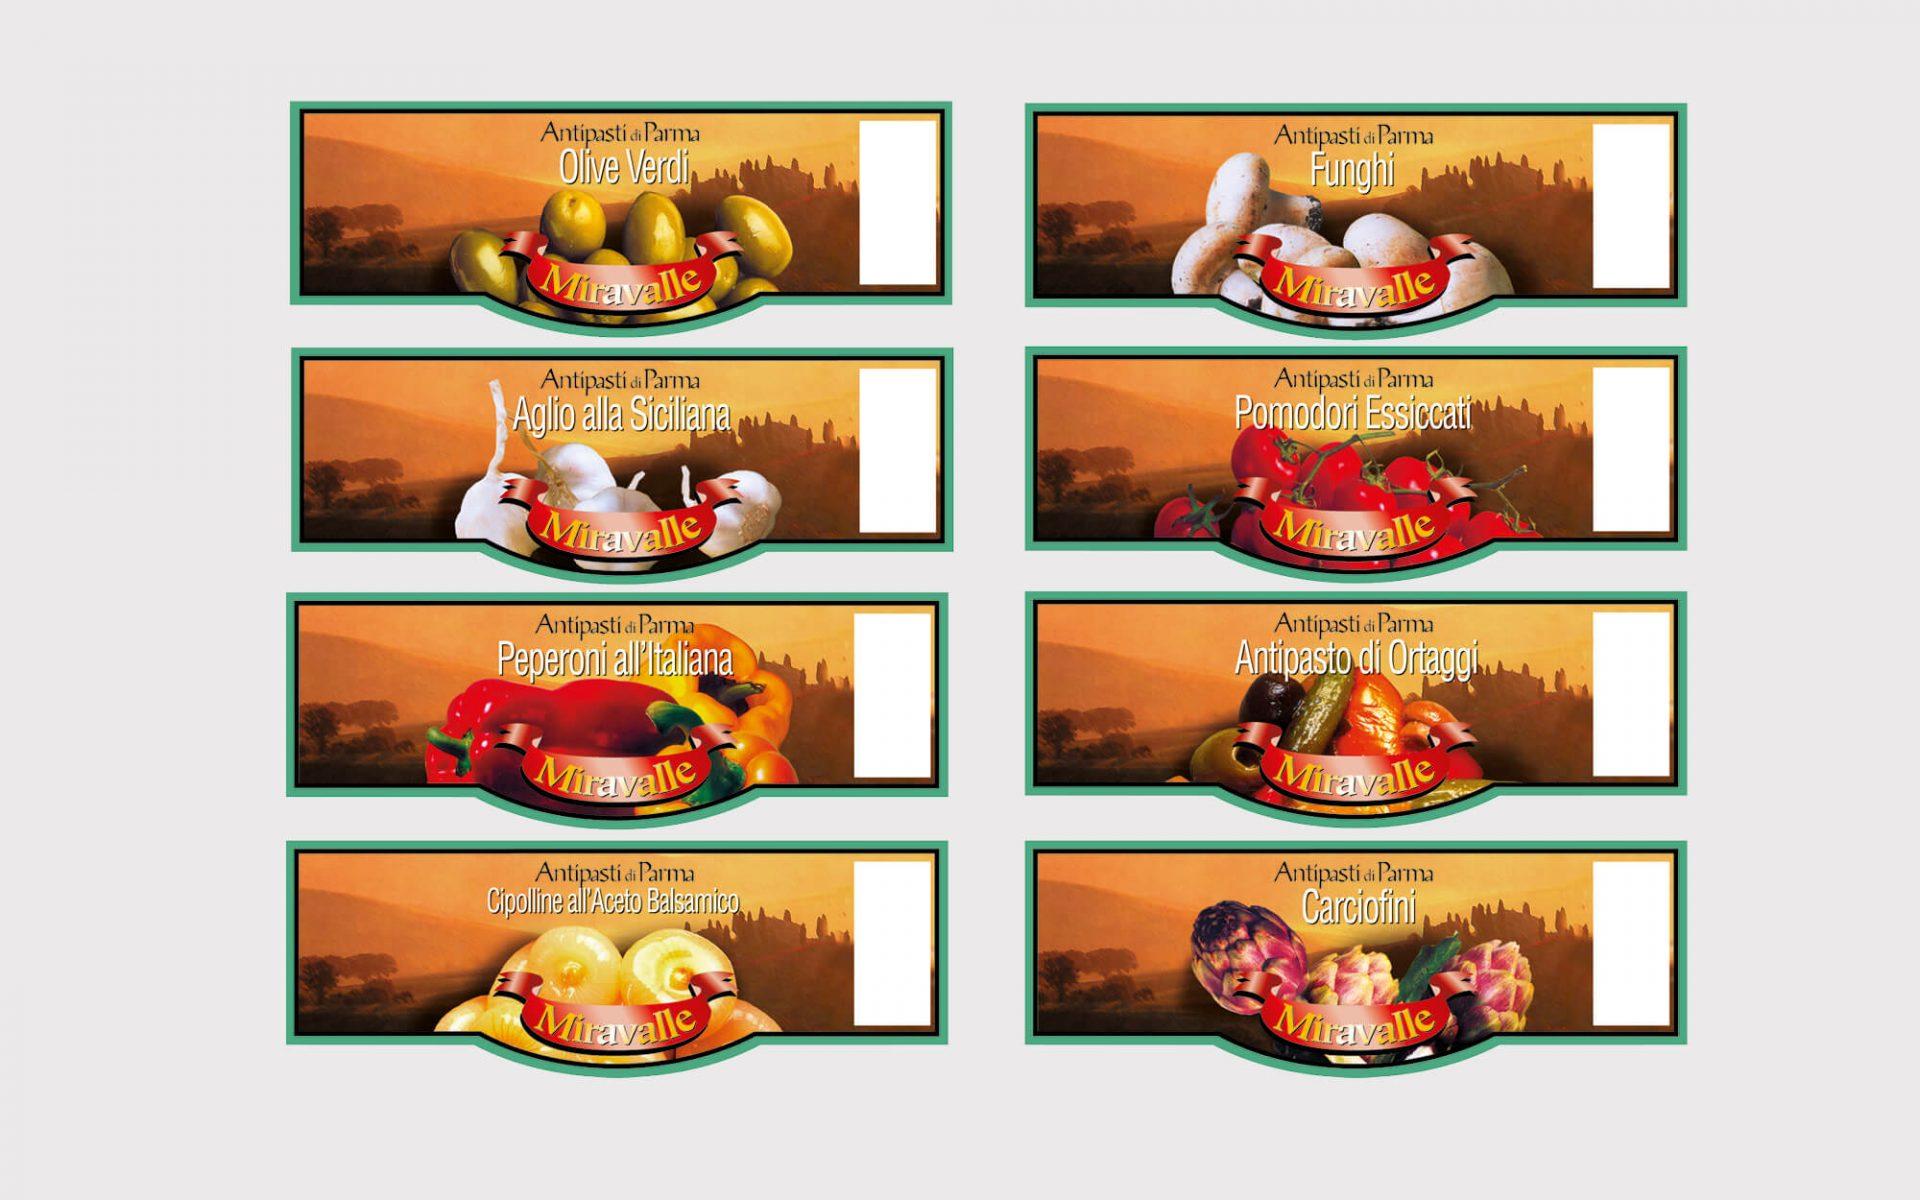 linea etichette alimentari per barattolo sottoli, progettata dallo studio grafico diade arco di trento per provinco Italia